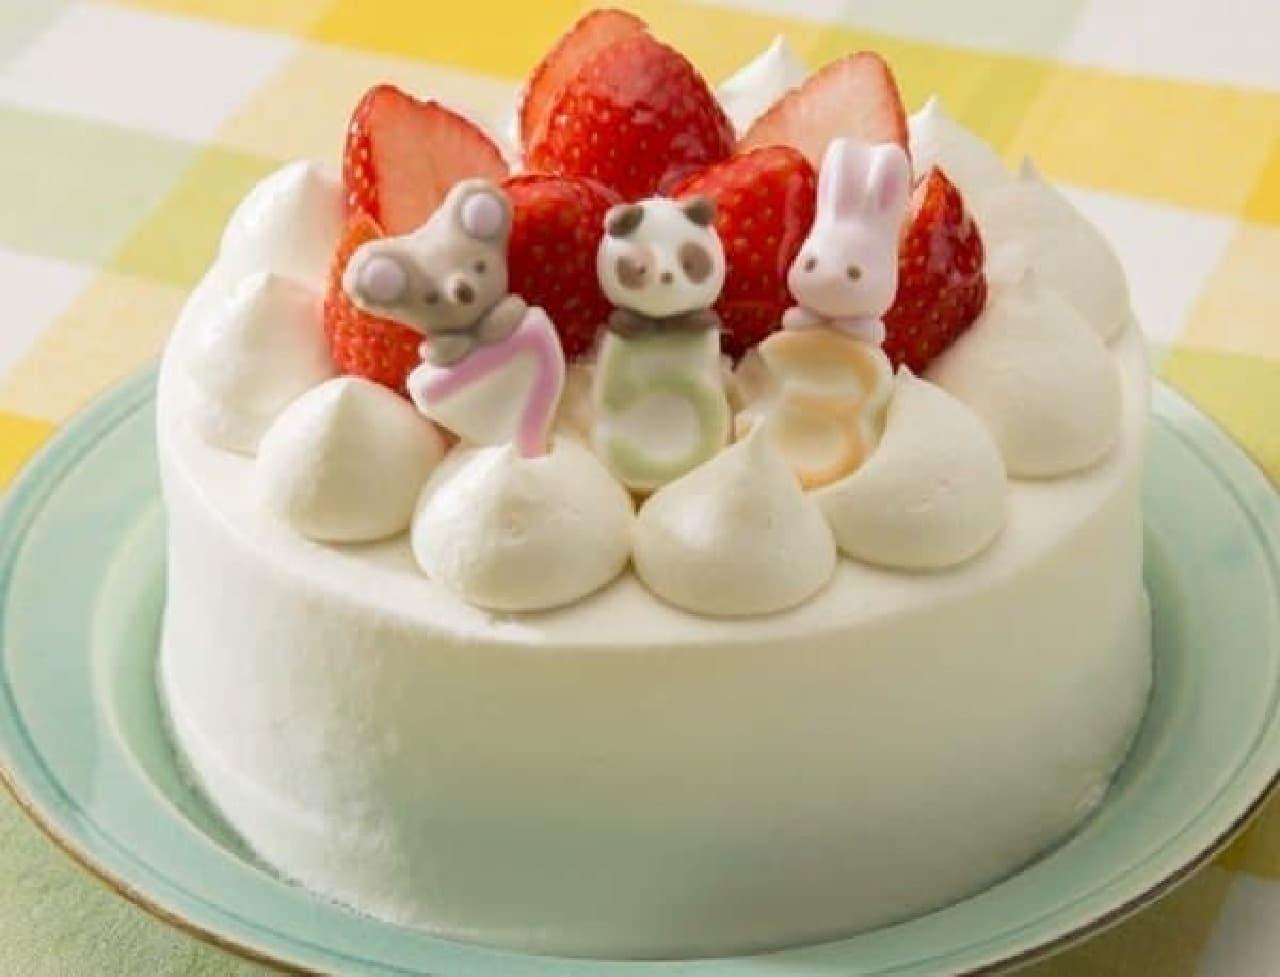 コアラ、パンダ、うさぎがお祝いしています